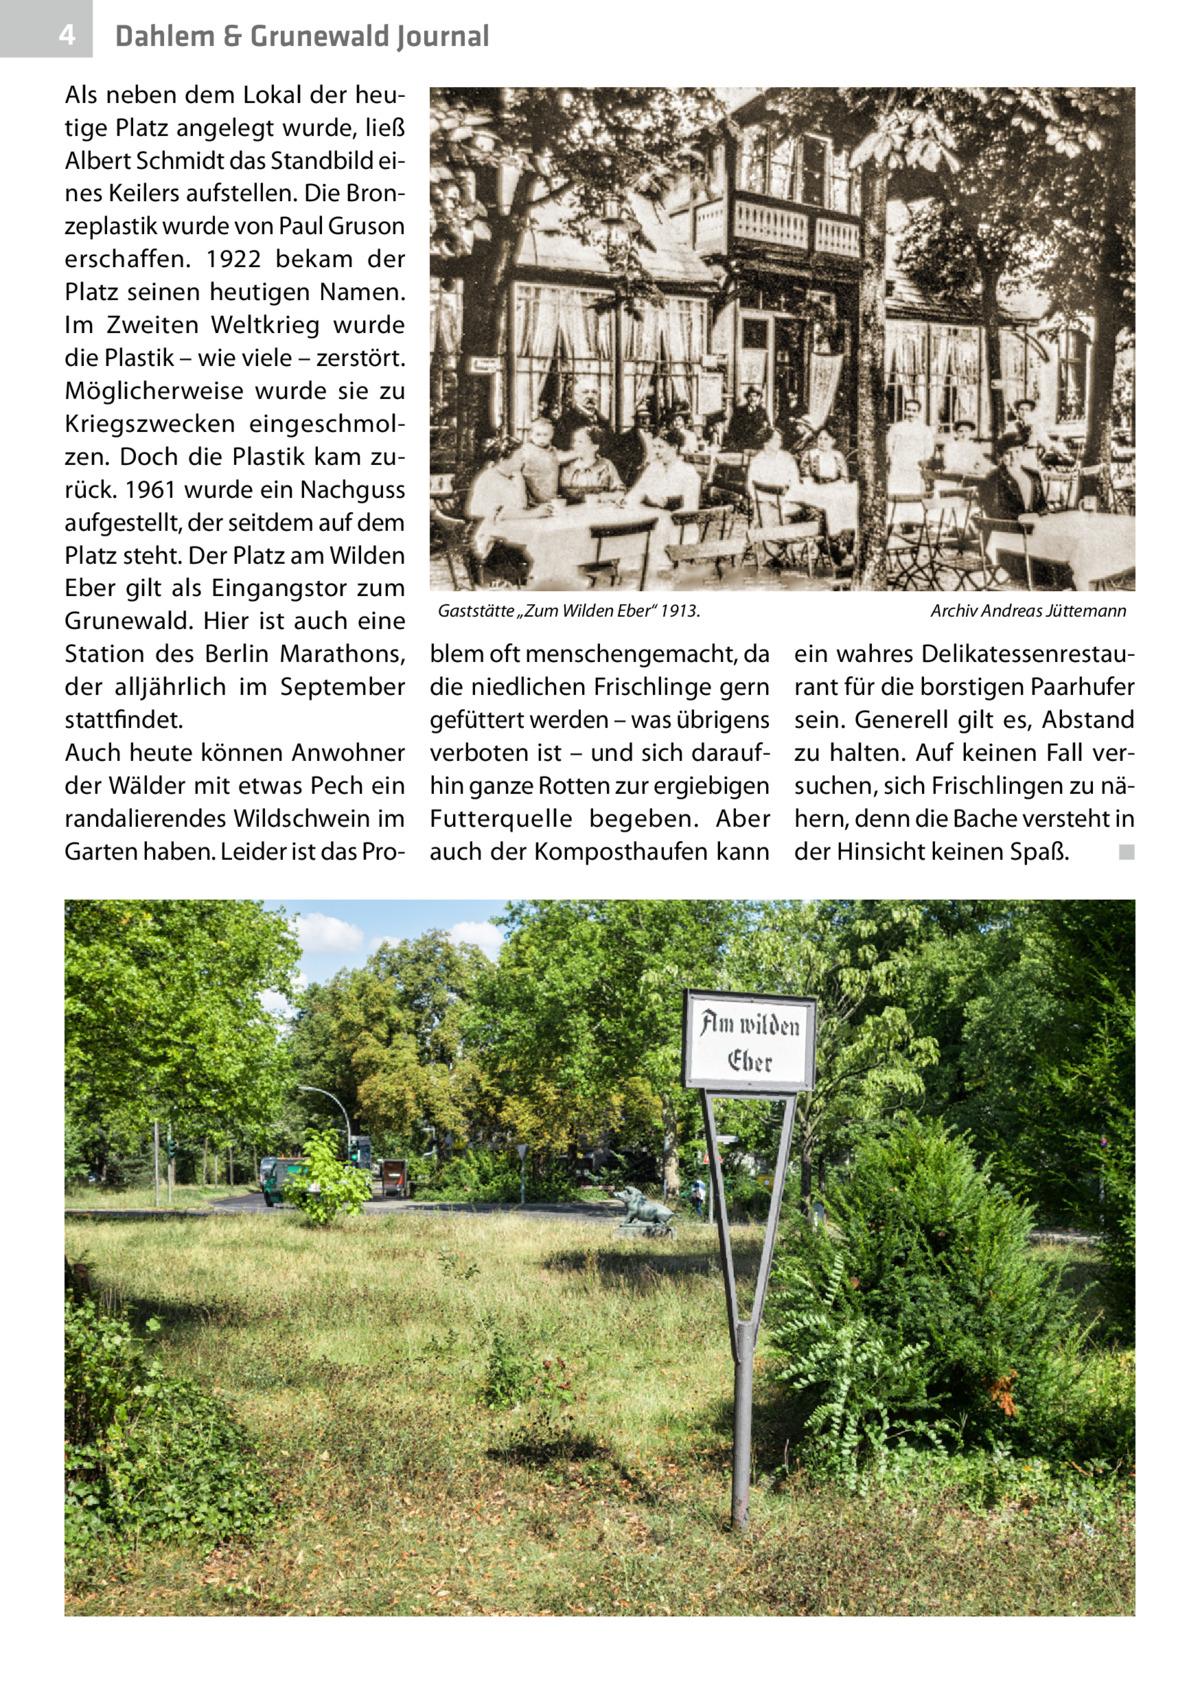 """4  Dahlem & Grunewald Journal  Als neben dem Lokal der heutige Platz angelegt wurde, ließ Albert Schmidt das Standbild eines Keilers aufstellen. Die Bronzeplastik wurde von Paul Gruson erschaffen. 1922 bekam der Platz seinen heutigen Namen. Im Zweiten Weltkrieg wurde die Plastik – wie viele – zerstört. Möglicherweise wurde sie zu Kriegszwecken eingeschmolzen. Doch die Plastik kam zurück. 1961 wurde ein Nachguss aufgestellt, der seitdem auf dem Platz steht. Der Platz am Wilden Eber gilt als Eingangstor zum Grunewald. Hier ist auch eine Station des Berlin Marathons, der alljährlich im September stattfindet. Auch heute können Anwohner der Wälder mit etwas Pech ein randalierendes Wildschwein im Garten haben. Leider ist das Pro Gaststätte """"Zum Wilden Eber"""" 1913.�  blem oft menschengemacht, da die niedlichen Frischlinge gern gefüttert werden – was übrigens verboten ist – und sich daraufhin ganze Rotten zur ergiebigen Futterquelle begeben. Aber auch der Komposthaufen kann  Archiv Andreas Jüttemann  ein wahres Delikatessenrestaurant für die borstigen Paarhufer sein. Generell gilt es, Abstand zu halten. Auf keinen Fall versuchen, sich Frischlingen zu nähern, denn die Bache versteht in der Hinsicht keinen Spaß. � ◾"""